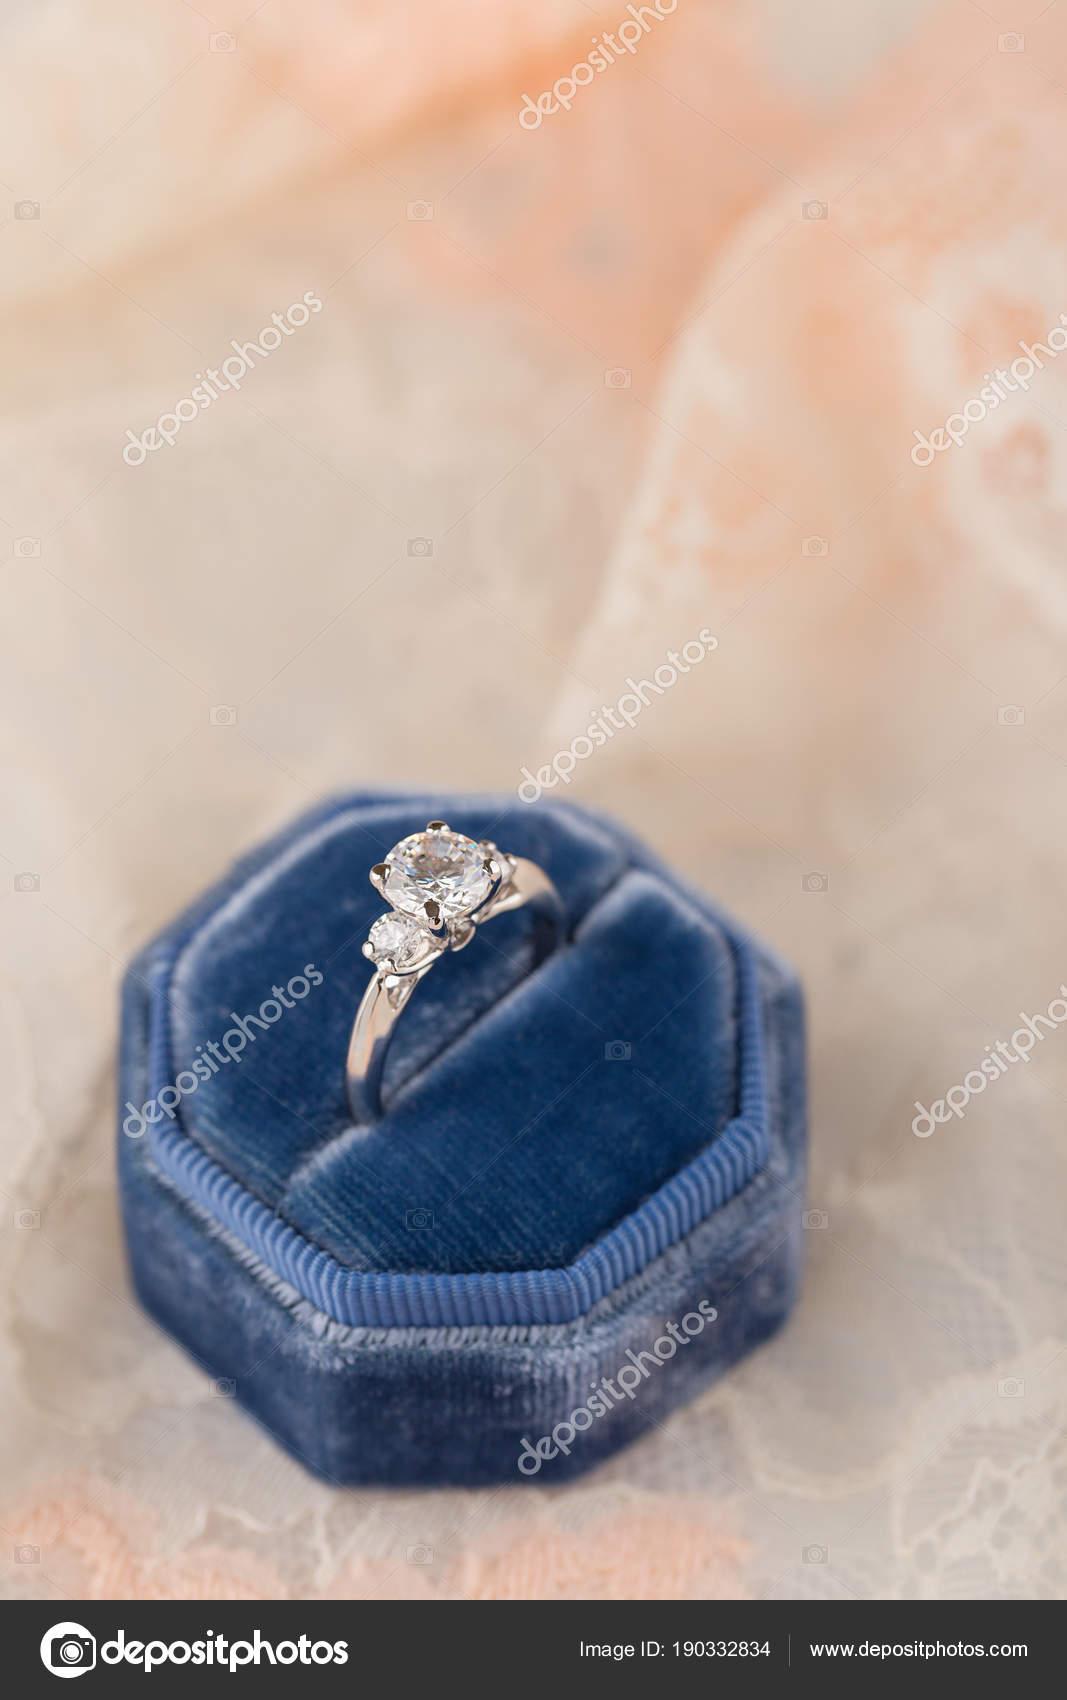 Bily Zlaty Snubni Prsten S Diamanty V Modre Vintage Sametove R